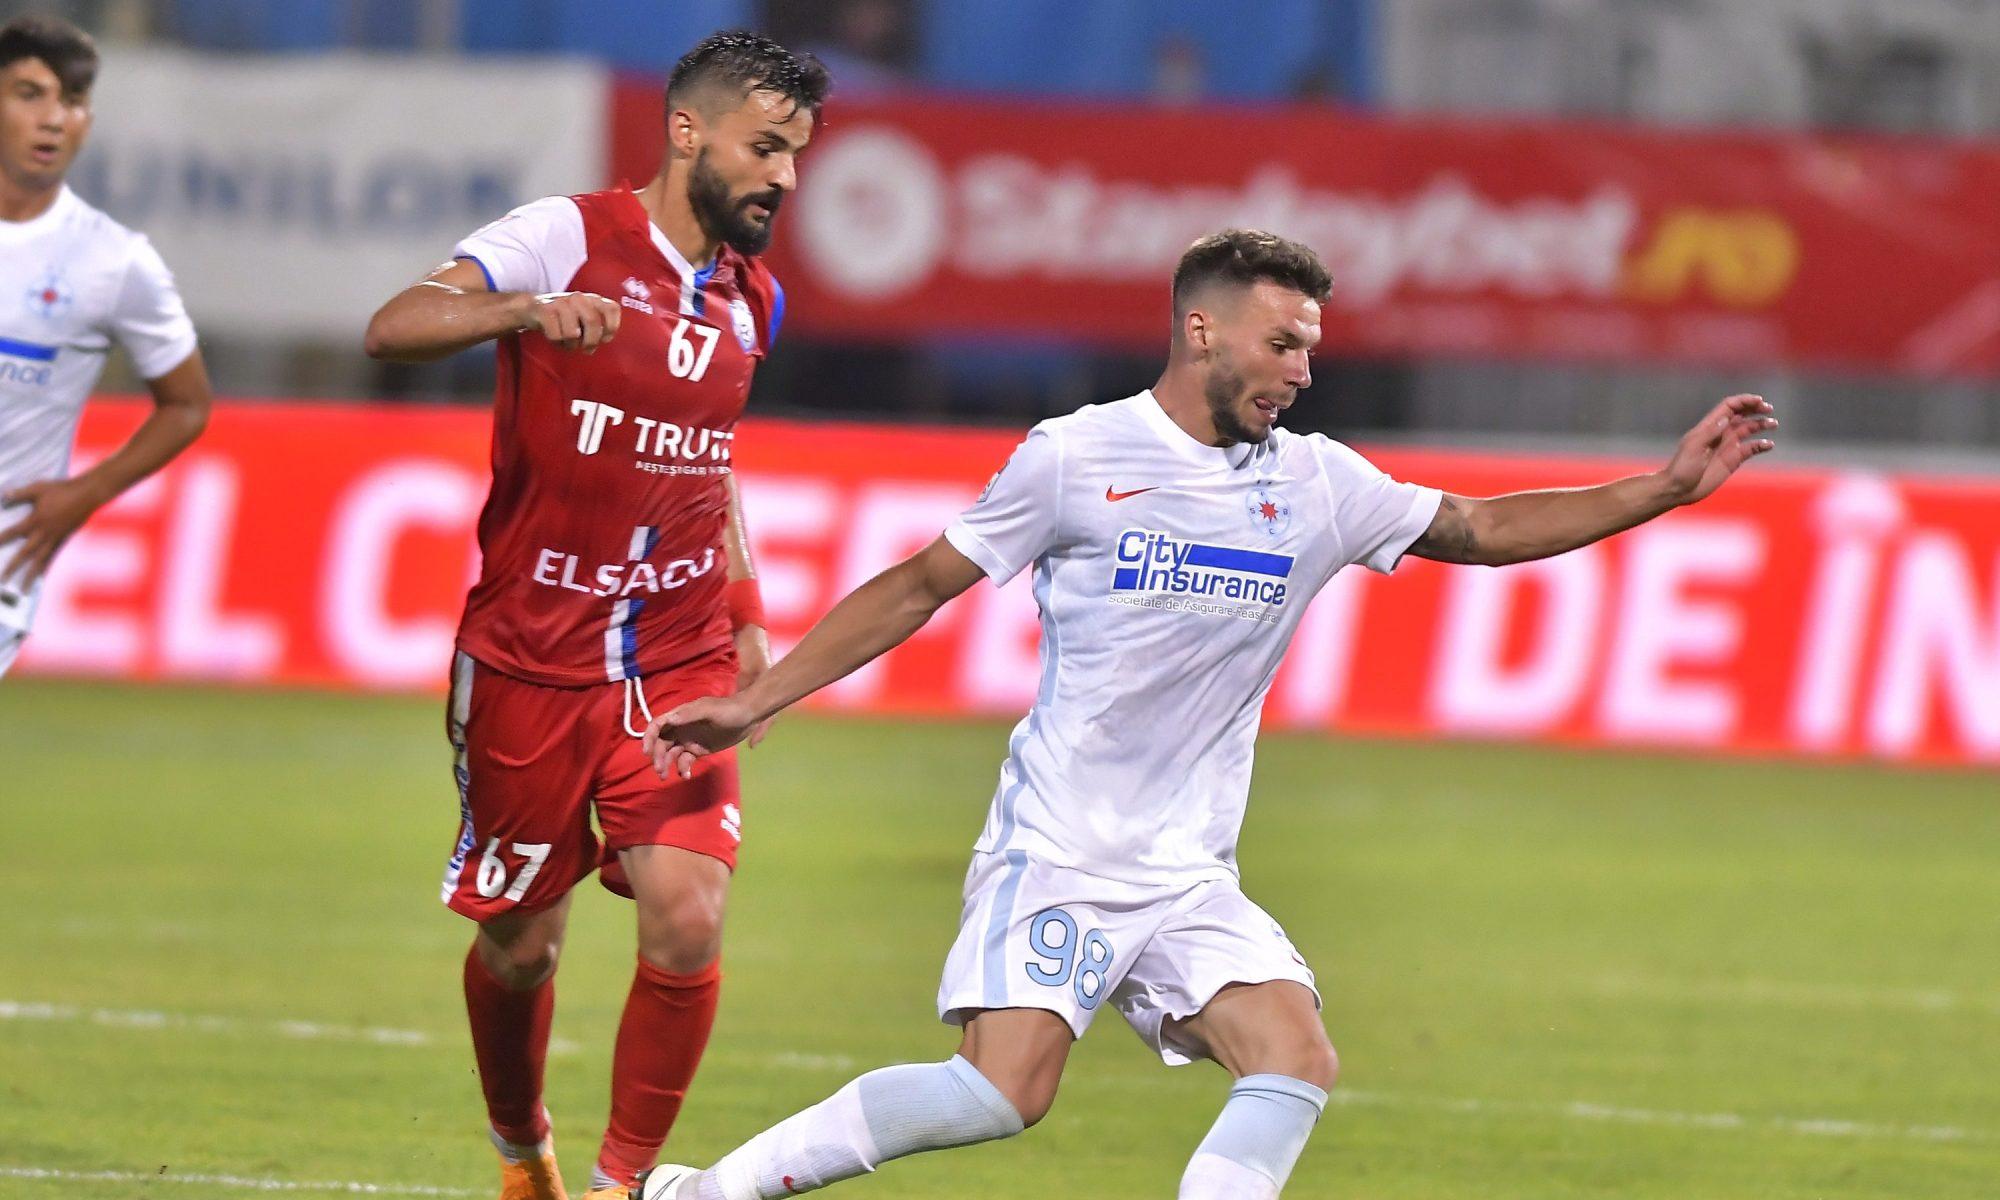 Andrei Cordea, în duelul cu FC Botoșani. Sursă foto: sportpictures.eu